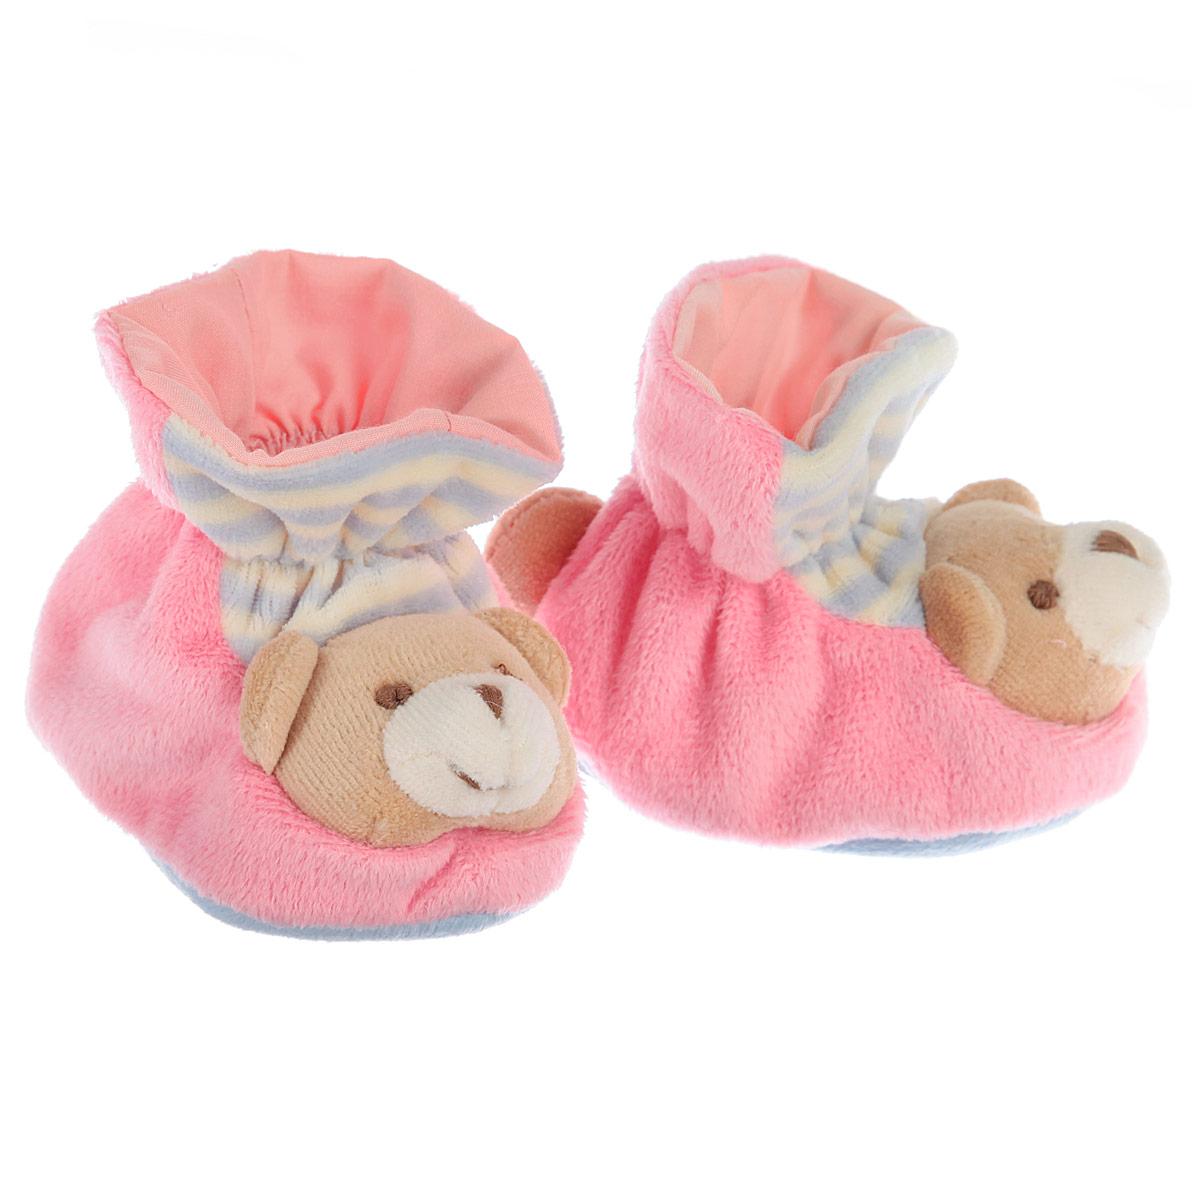 ПинеткиР47061Очаровательные пинетки Baby Nice Мишки идеально подойдут для маленьких ножек вашего крохи! Они очень нежные и приятные на ощупь, не раздражают кожу и хорошо вентилируются. В хлопковых велюровых пинетках ножка малыша дышит и не мерзнет - созданы все комфортные условия, для того, чтобы подумать о первых шагах! Пинетки изготовлены из очень мягкого и приятного на ощупь ворсистого материала - 100% хлопка и оформлены объемной головой в виде медвежонка. Благодаря скрытой эластичной резинке пинетки будут отлично держаться на ножке младенца. Подошва выполнена в контрастном цвете. Такие пинетки - отличное решение для малышей и их родителей!